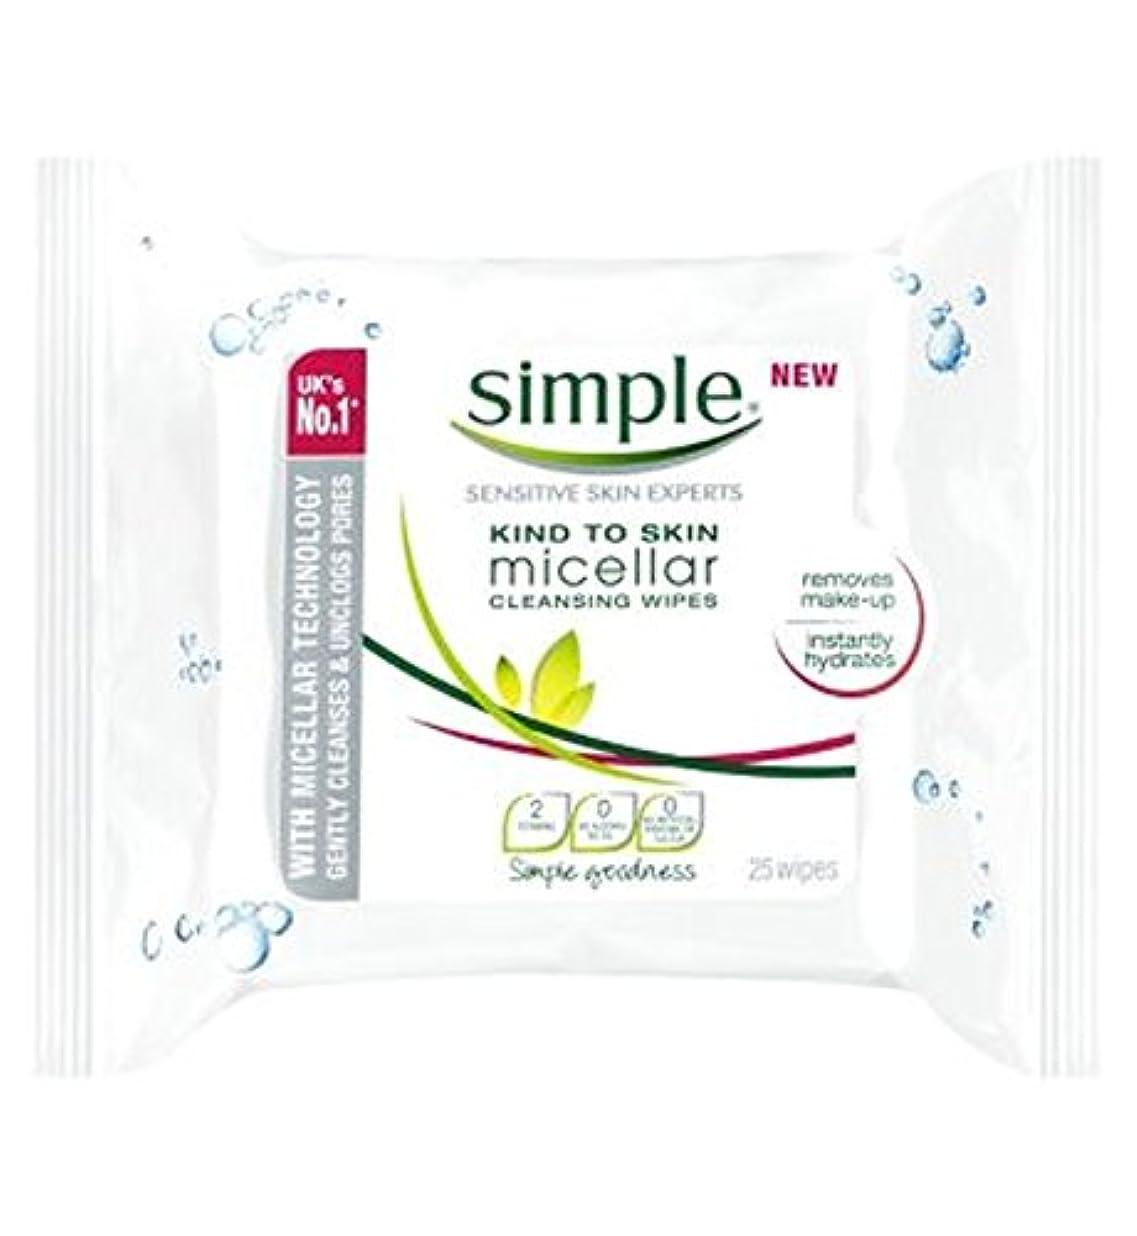 支店アドバンテージバイパスSimple Kind To Skin Micellar Cleansing Wipes - 25 wipes - 皮膚ミセルクレンジングへの単純な種類がワイプ - 25ワイプ (Simple) [並行輸入品]